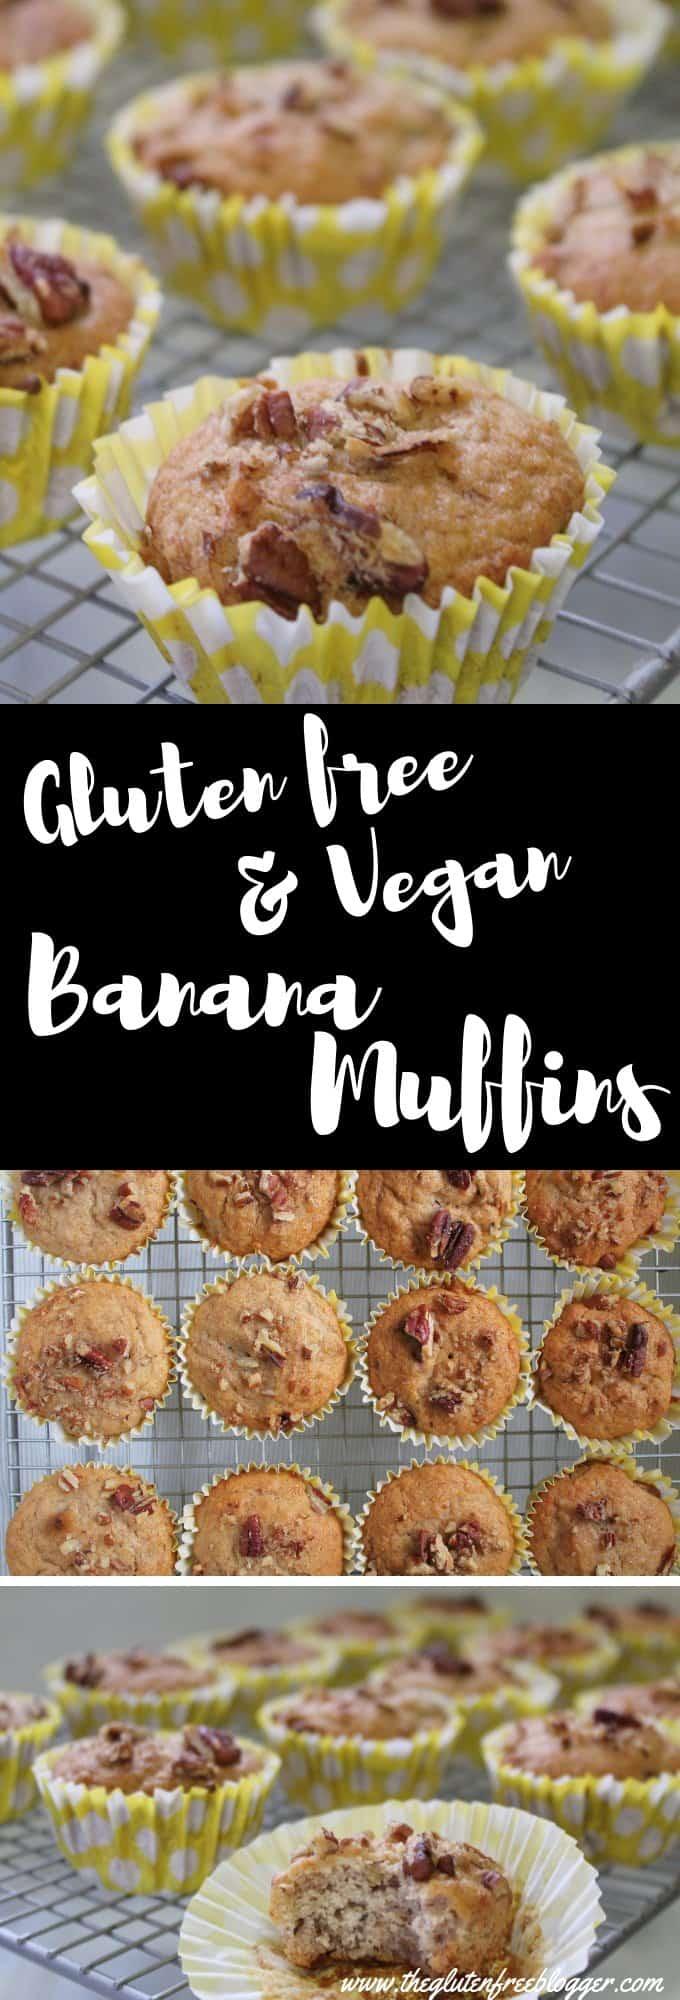 gluten free vegan banana muffins vegan recipe veganuary gluten free egg free dairy free cake